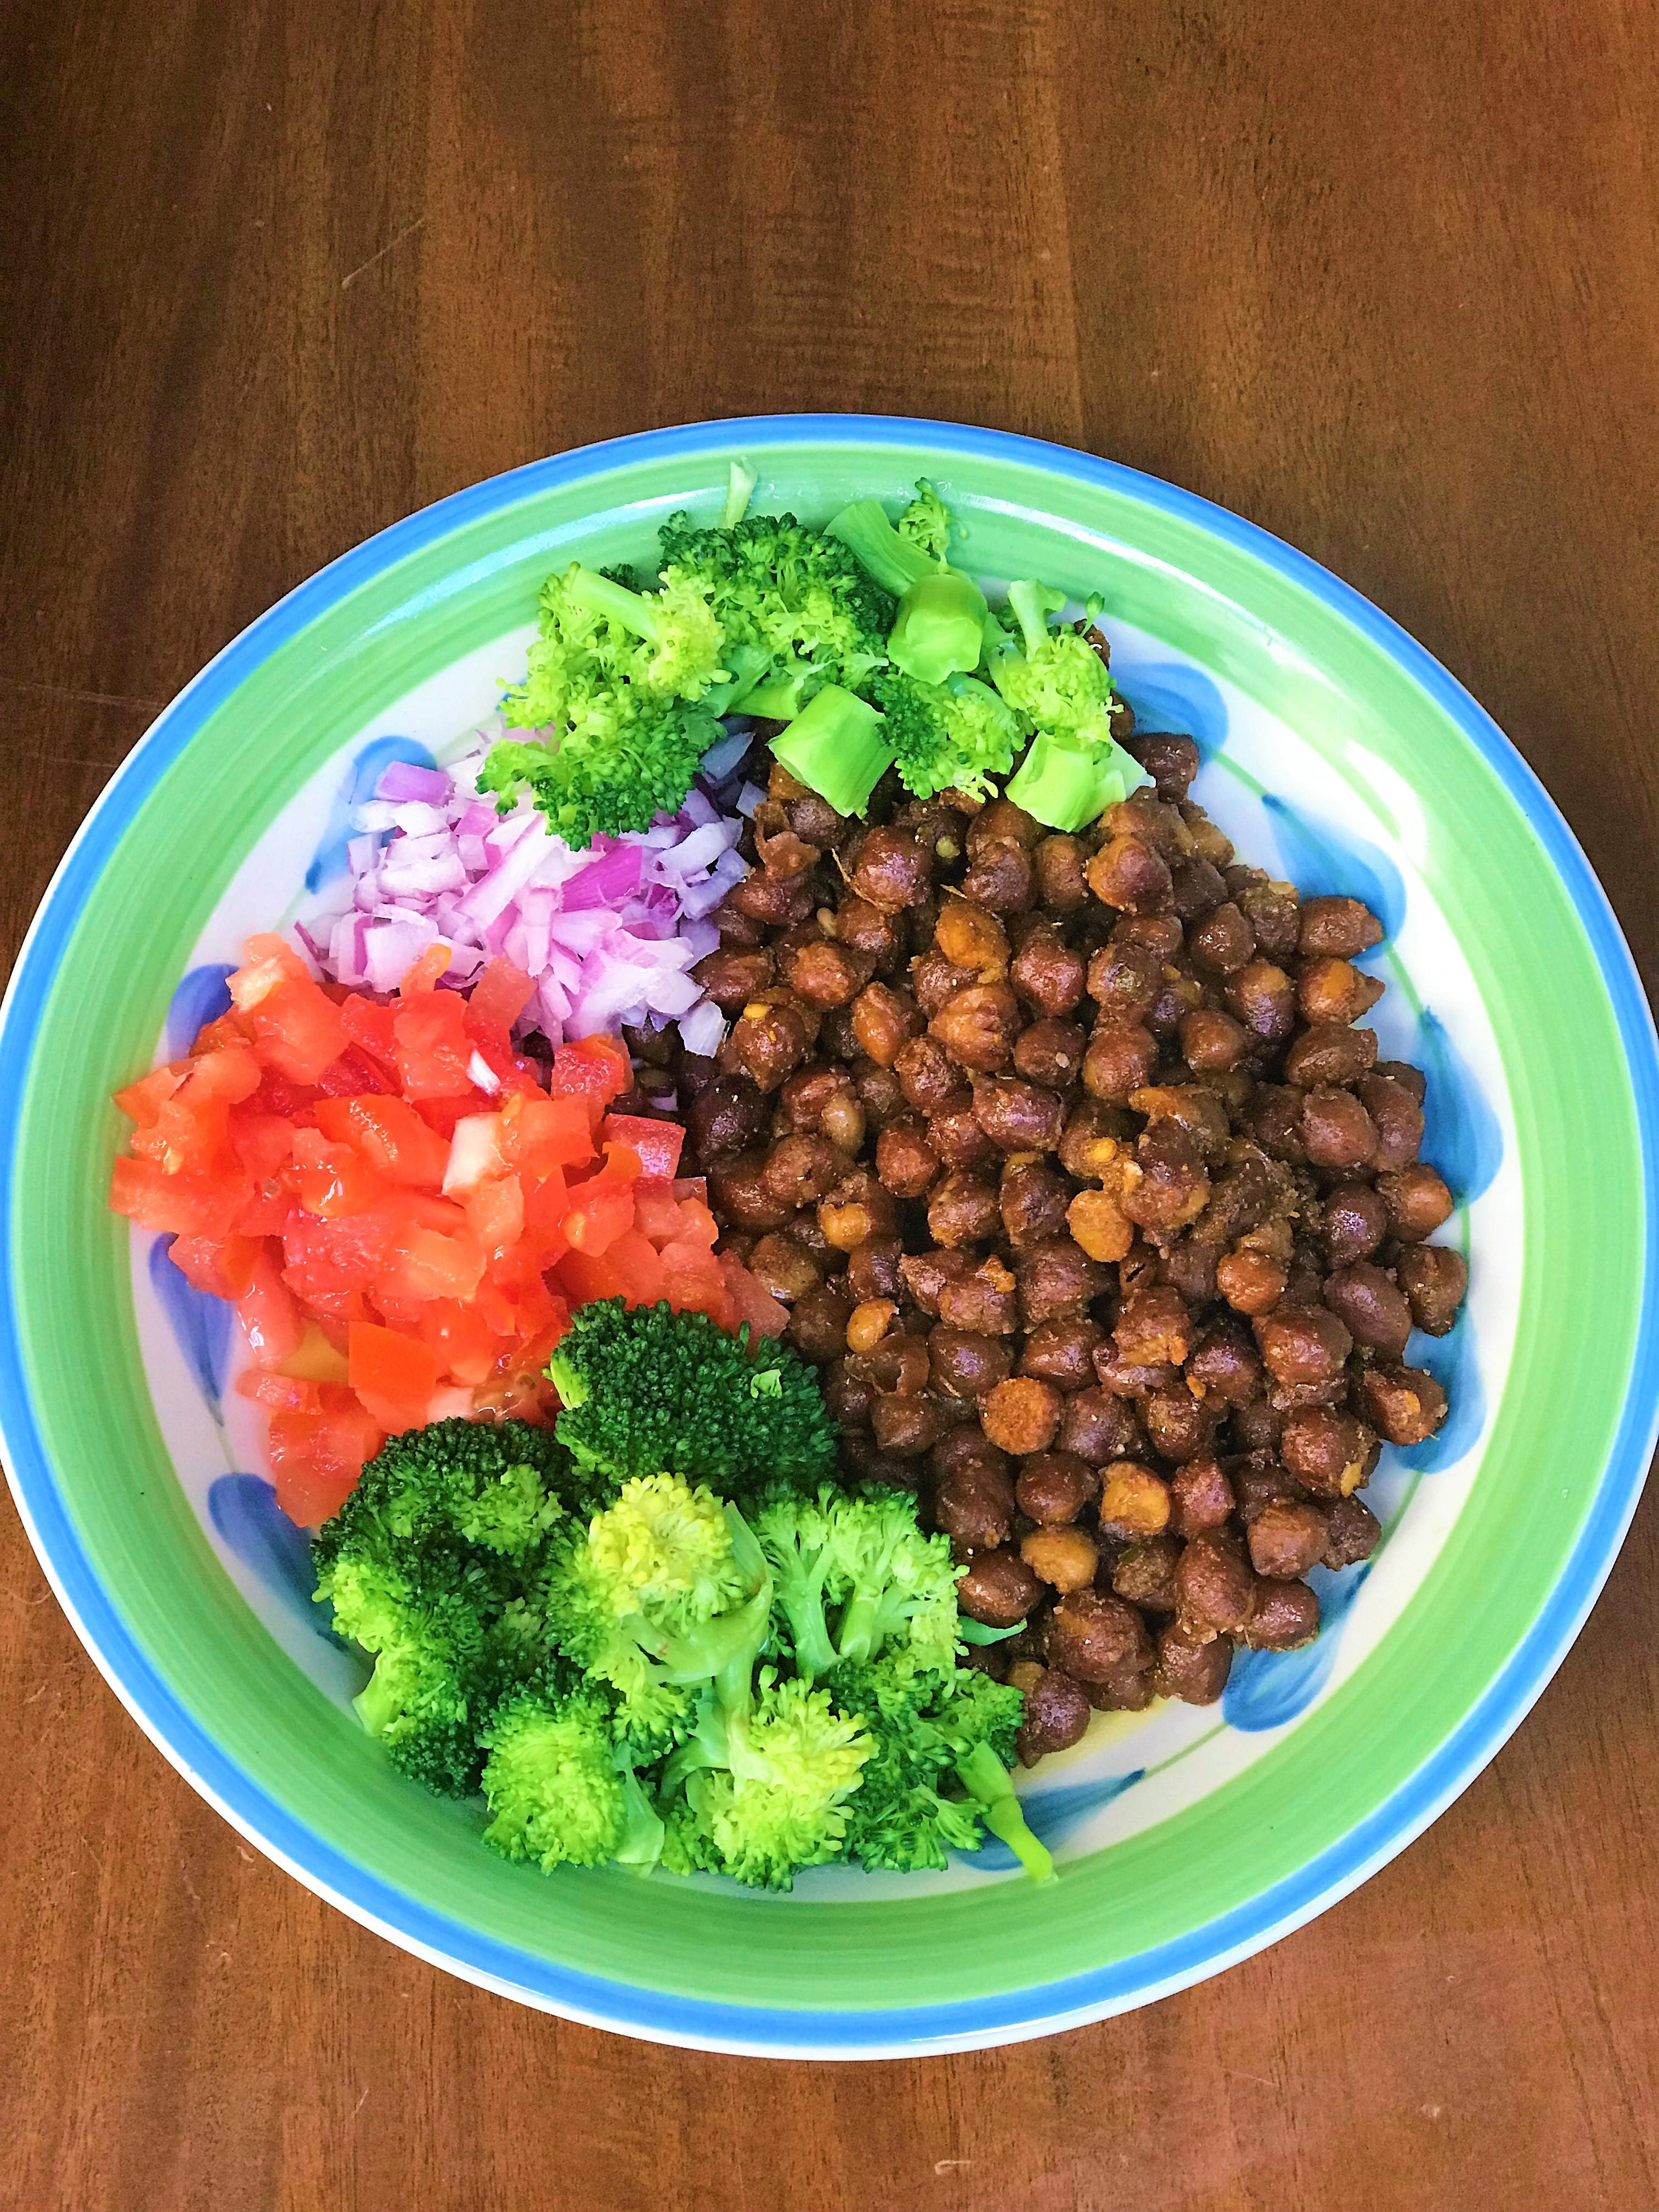 Salade de pois chiches - style indien. Bon pour le petit déjeuner Coloré sain et protéiné rempli de légumes. comment perdre du poids avec les pcos et l'hypothyroïdie, les meilleurs régimes pour perdre du poids avec l'hypothyroïdie et les pcos